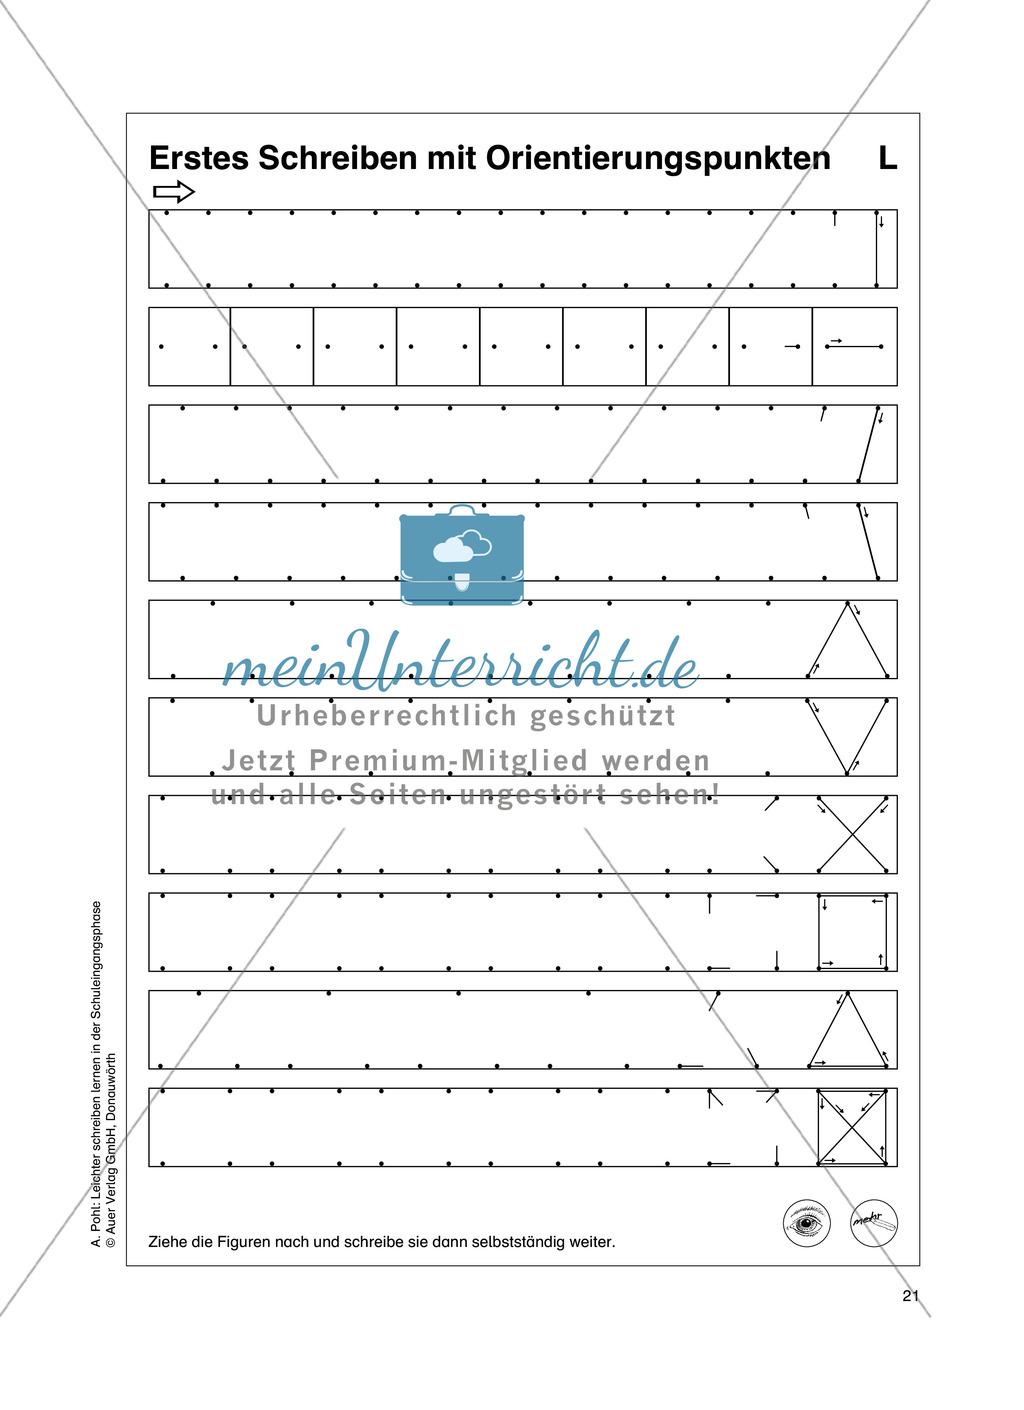 """Feinmotorik und Wahrnehmung: """"Waagrechte - Senkrechte -Schräge Linien malen und schreiben"""" - Arbeitsblätter +Übungen Preview 12"""